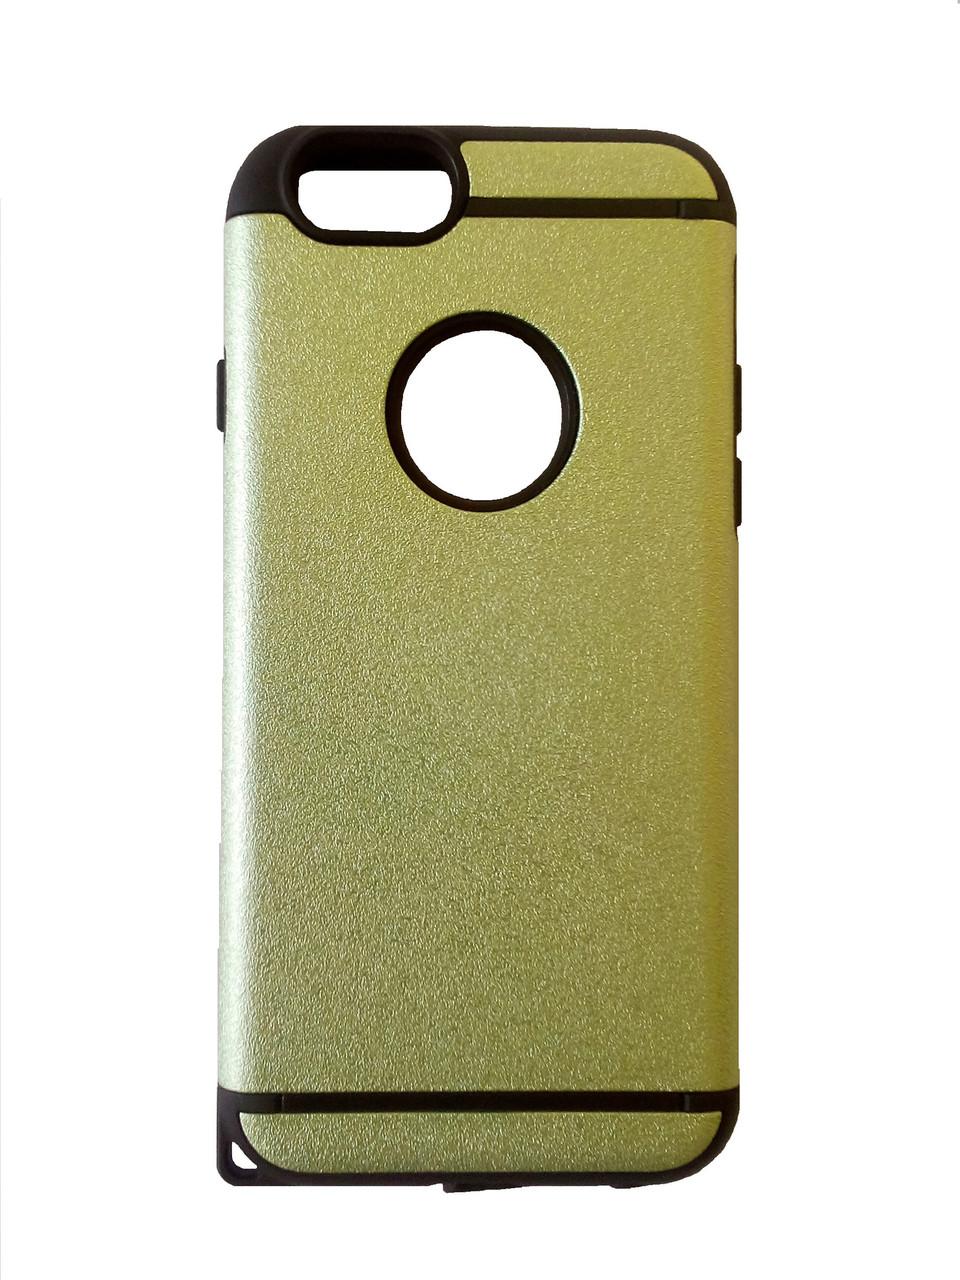 Чехол Eastmate Hybrid Rugged Case для IPhone 6 / 6s Green